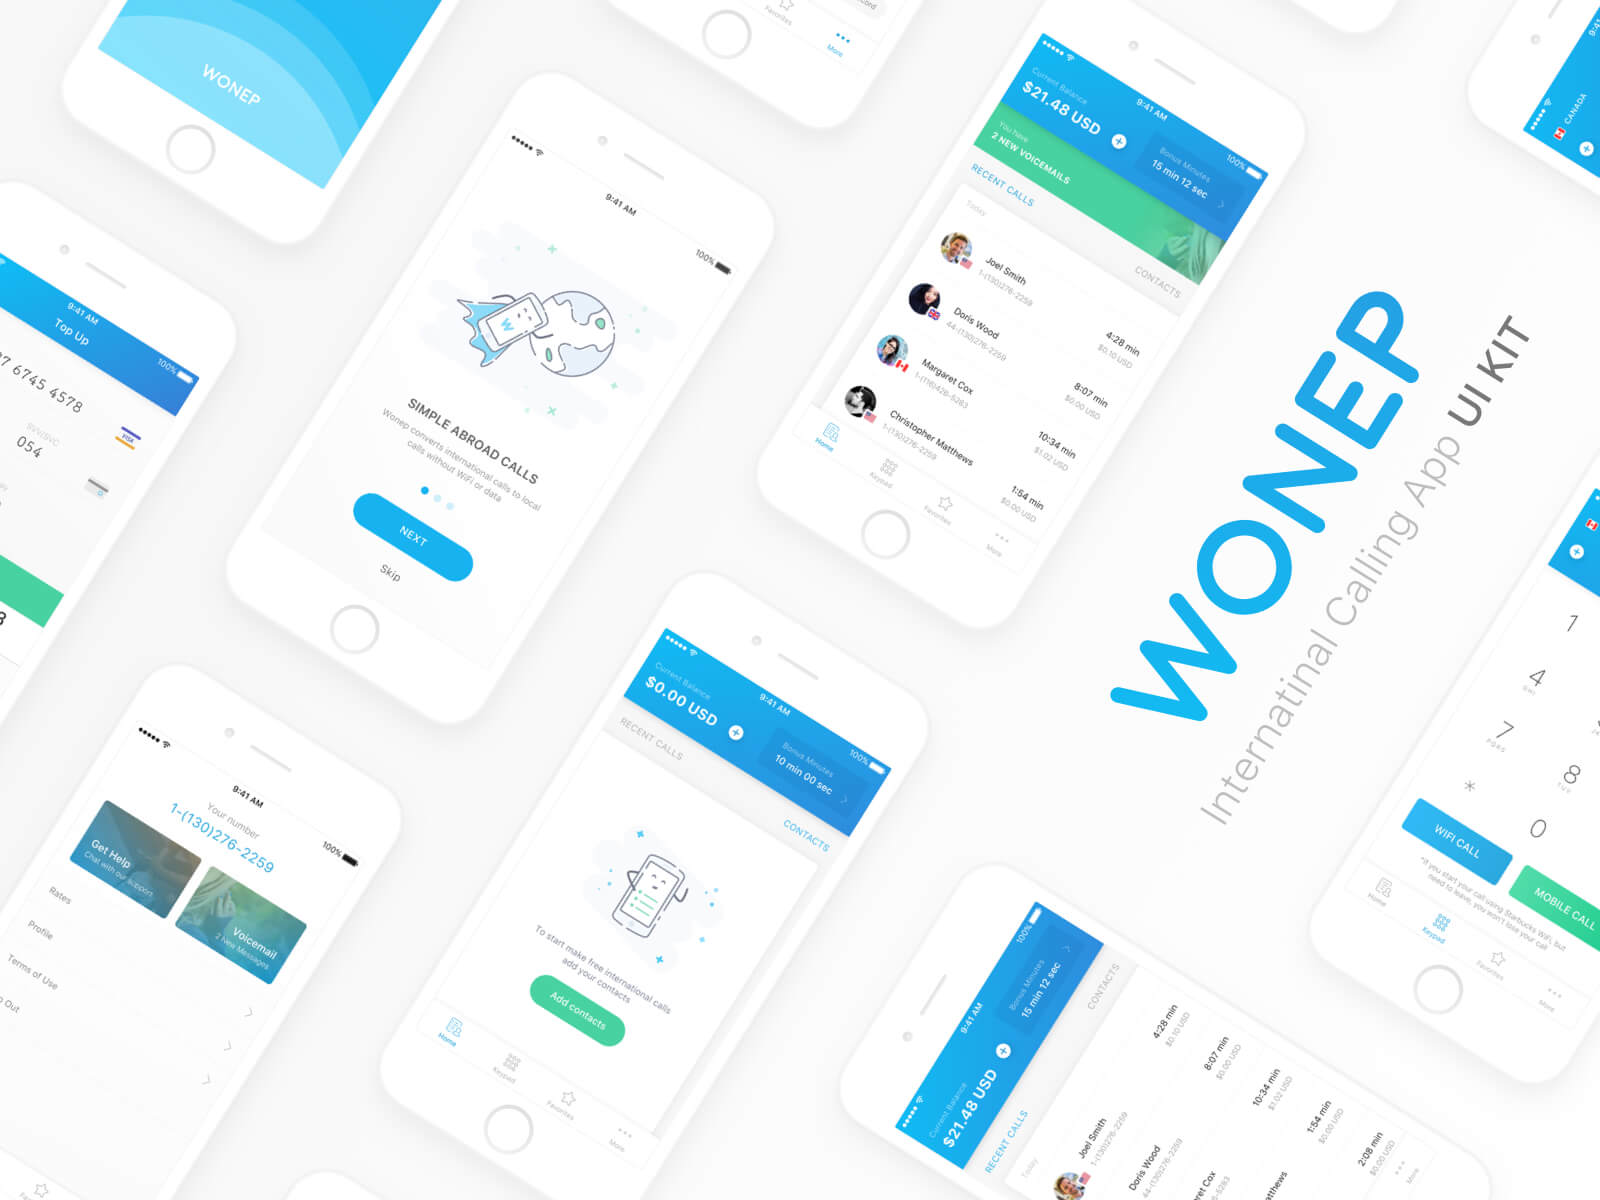 Wonep International Calling App UI Kit presentation image